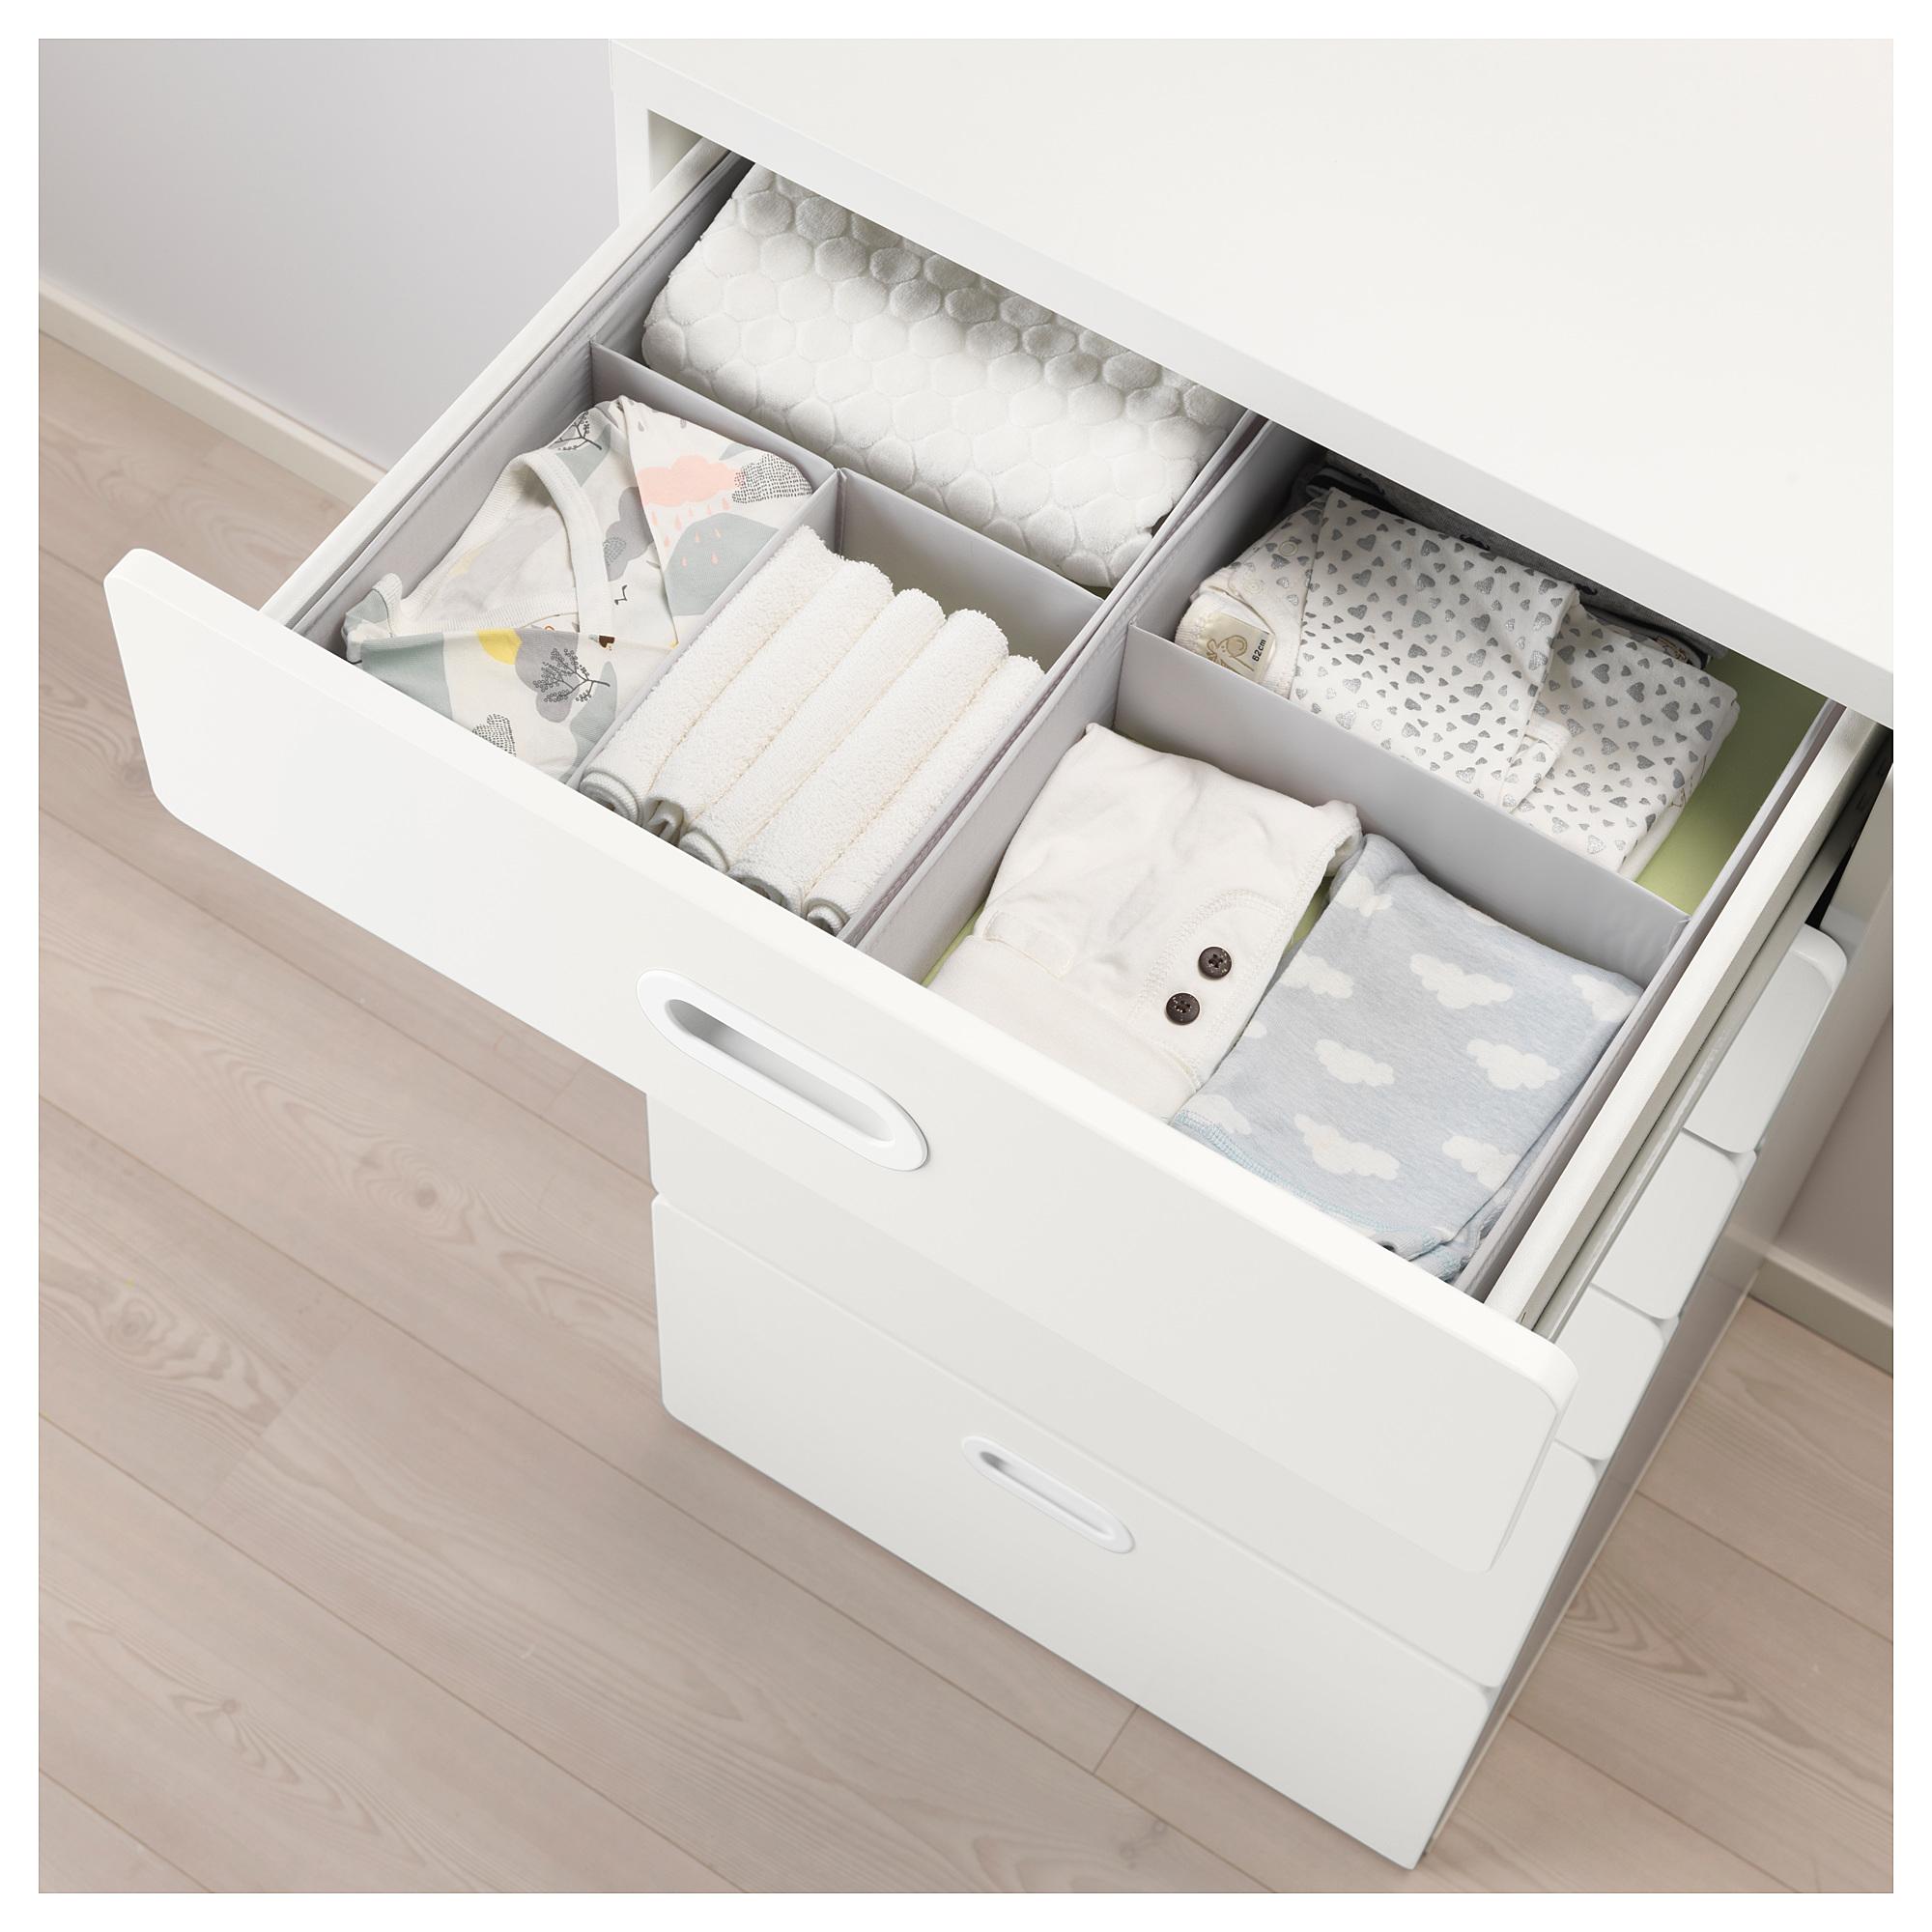 b689c371eec0 IKEA - STUVA / FRITIDS 6-drawer chest white, white in 2019 | Closet ...